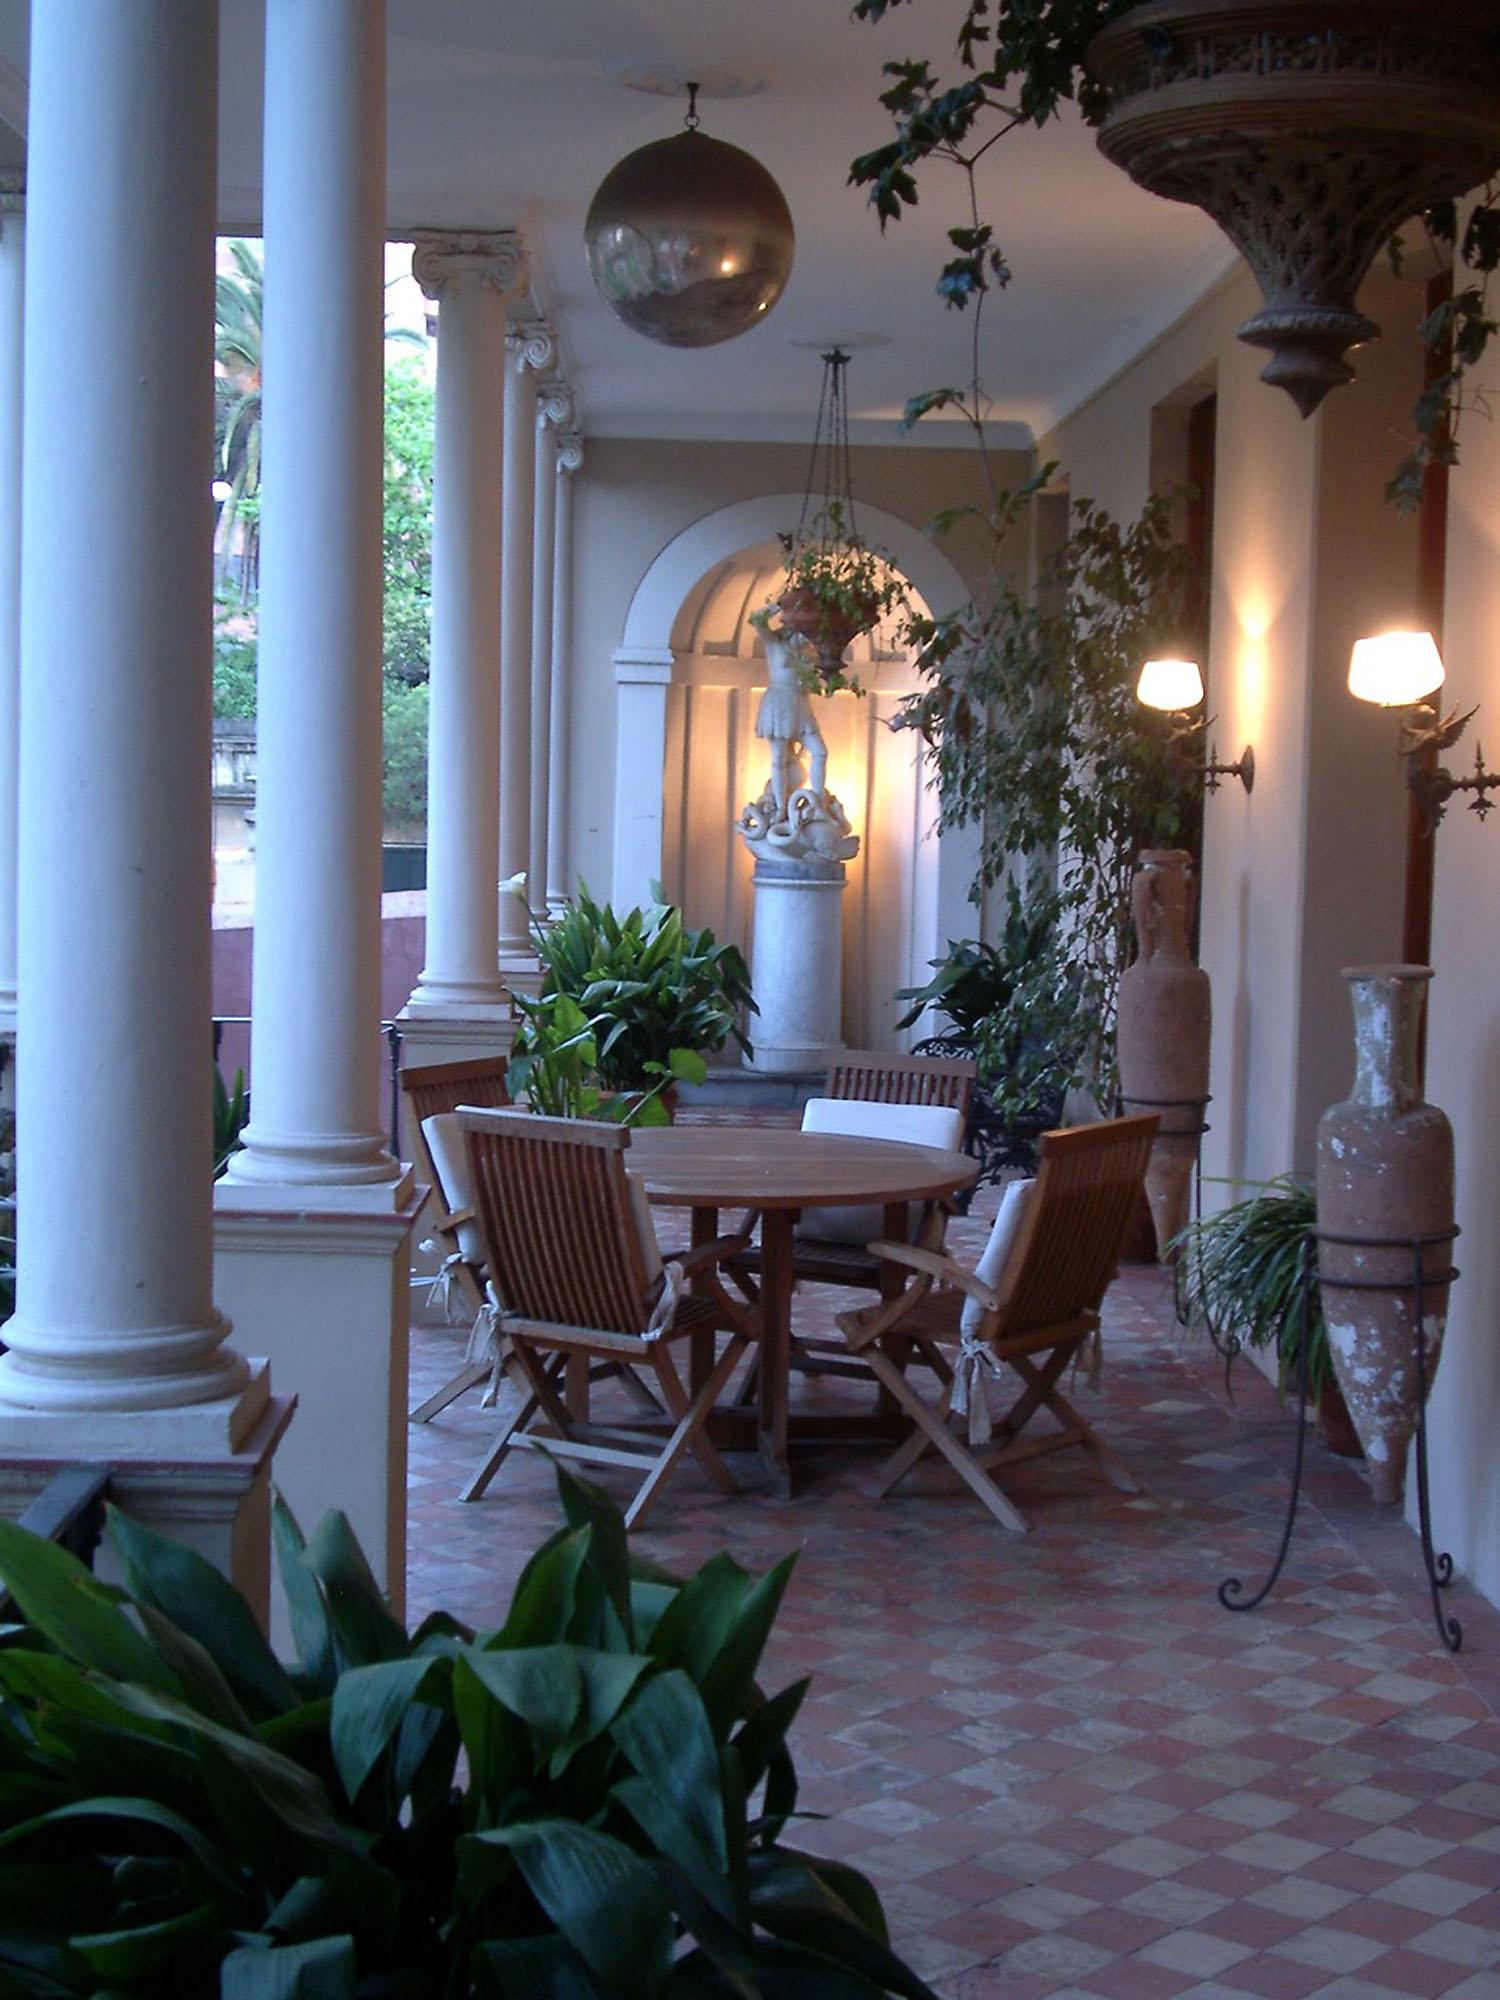 A dalt, vista frontal de la façana posterior de la casa, des de jardí. A primer plà, el sortidor. A sobre, vista de la galeria, amb peces artístiques i vegetació d'interior.